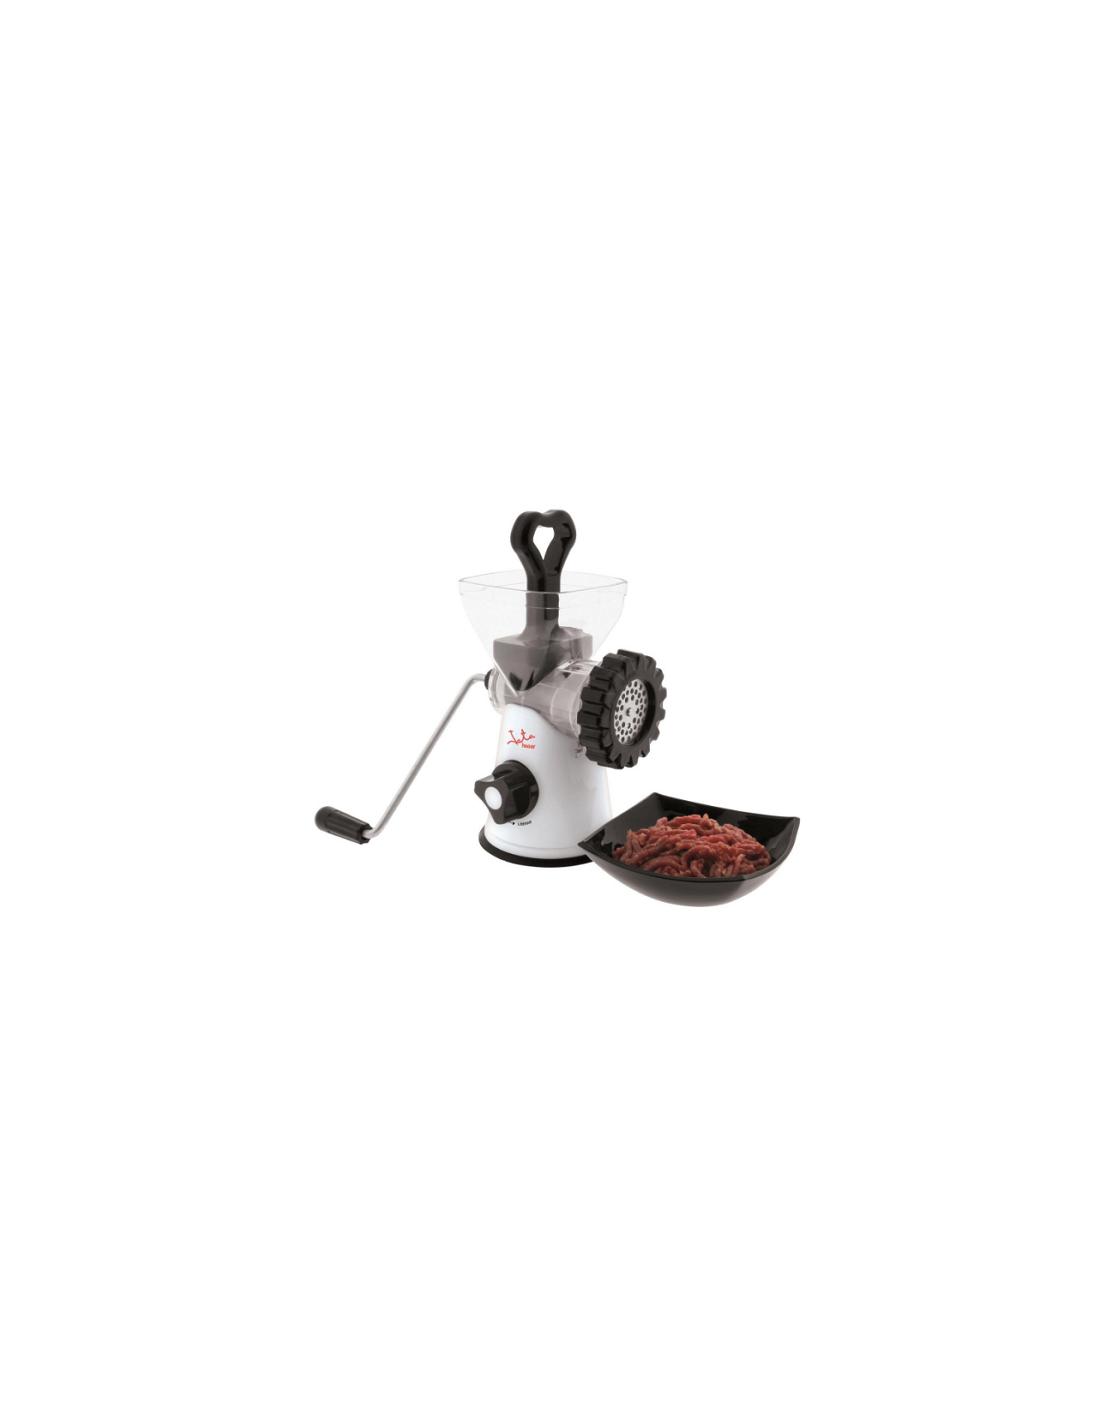 Picadora manual de alimentos tienda de camping online - Picadora alimentos ...